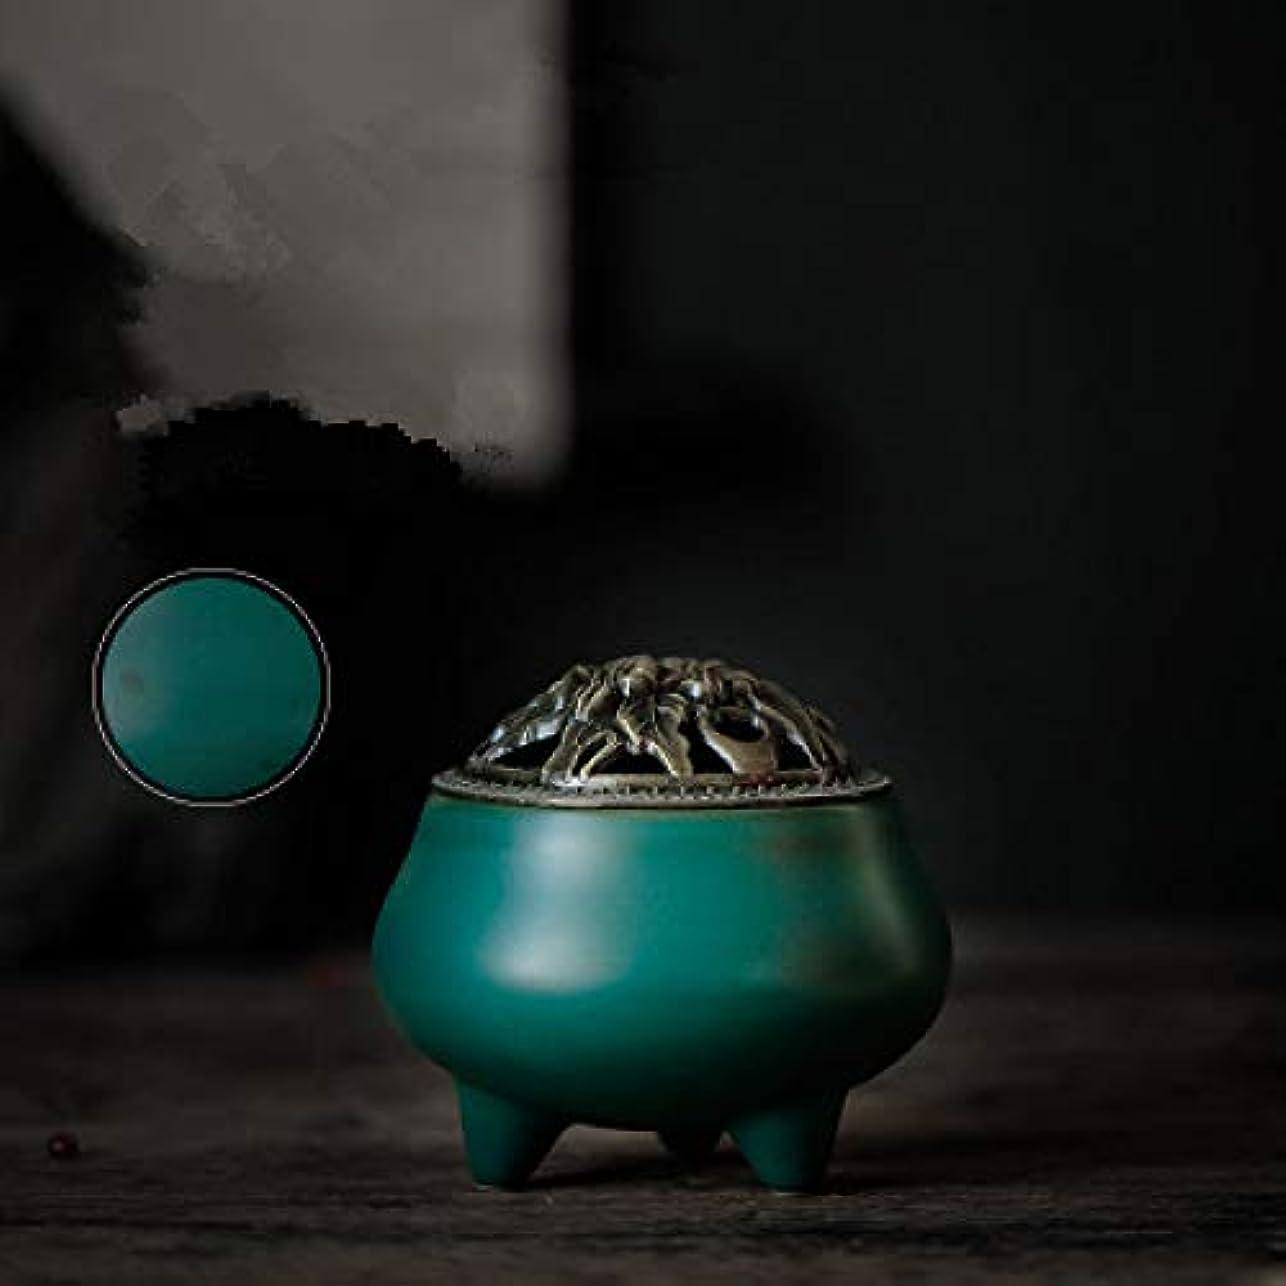 無限大勇敢なゲストレトロスタイルの滝香炉逆流香炉バーナーポットチベット金翔仏教10 * 9センチ